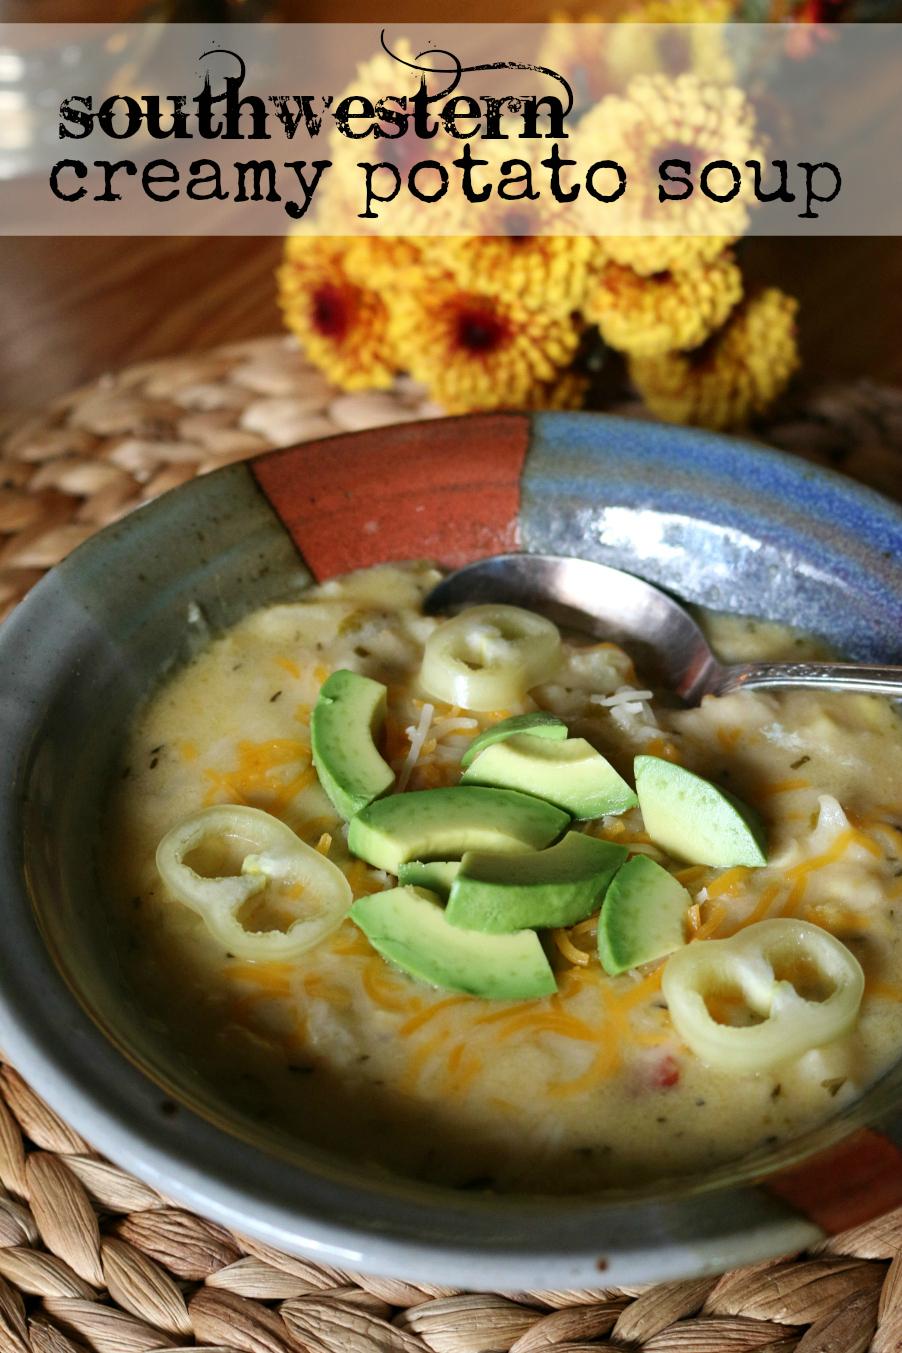 Southwestern Creamy Potato Soup Recipe CeceliasGoodStuff.com Good Food for Good People